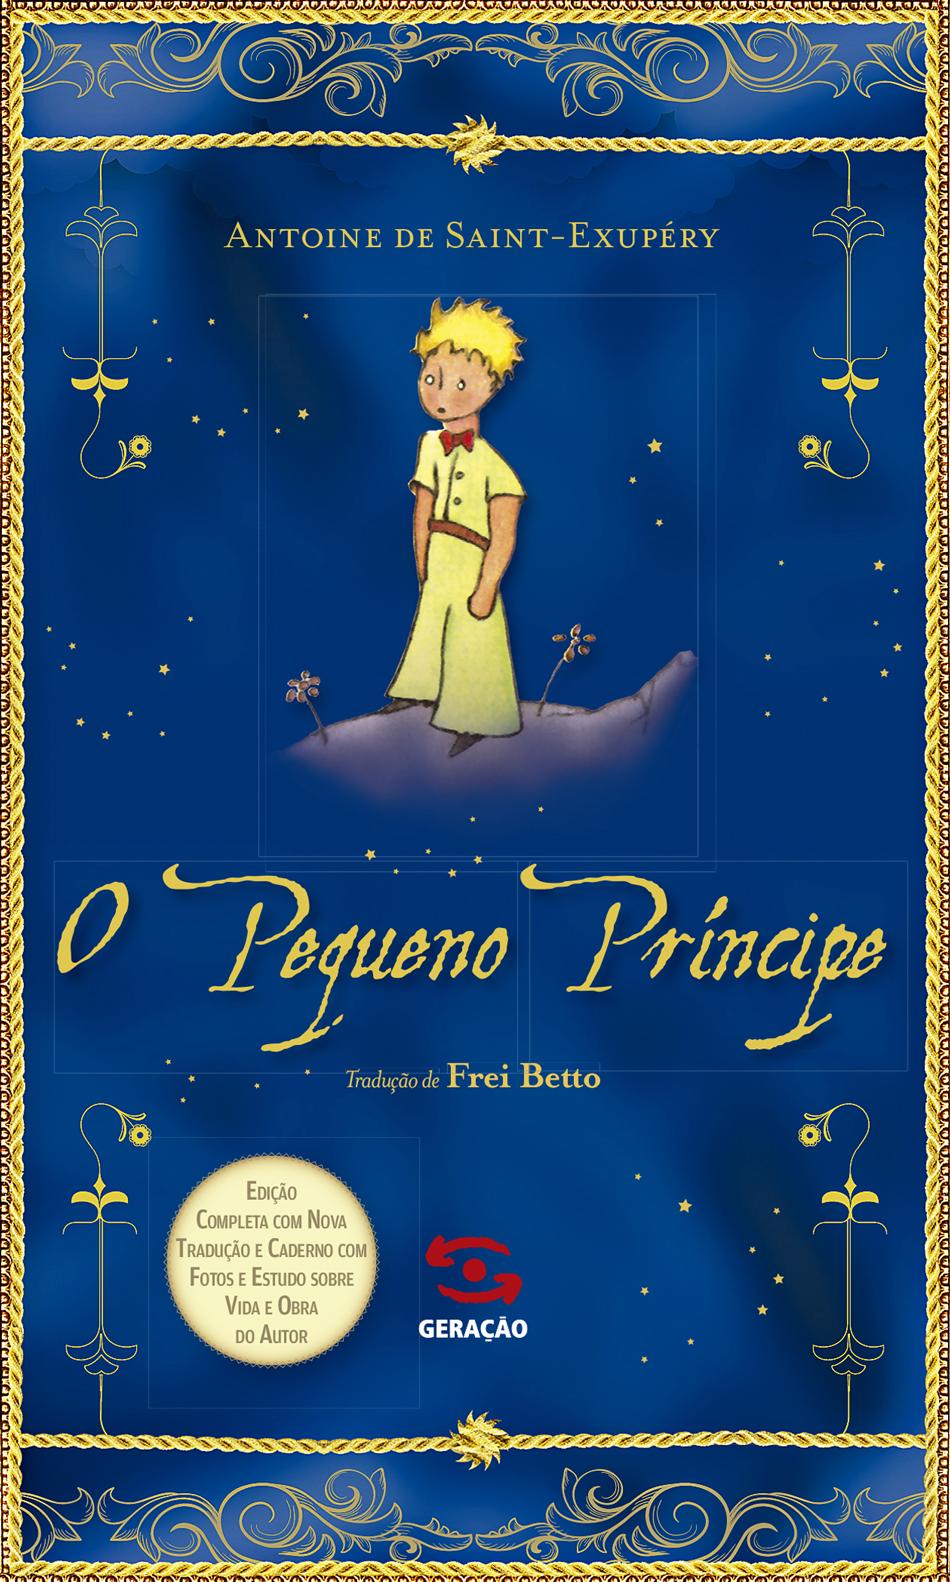 O Pequeno Príncipe - Livro de Bolso, livro de Antoine de Saint-Exupéry